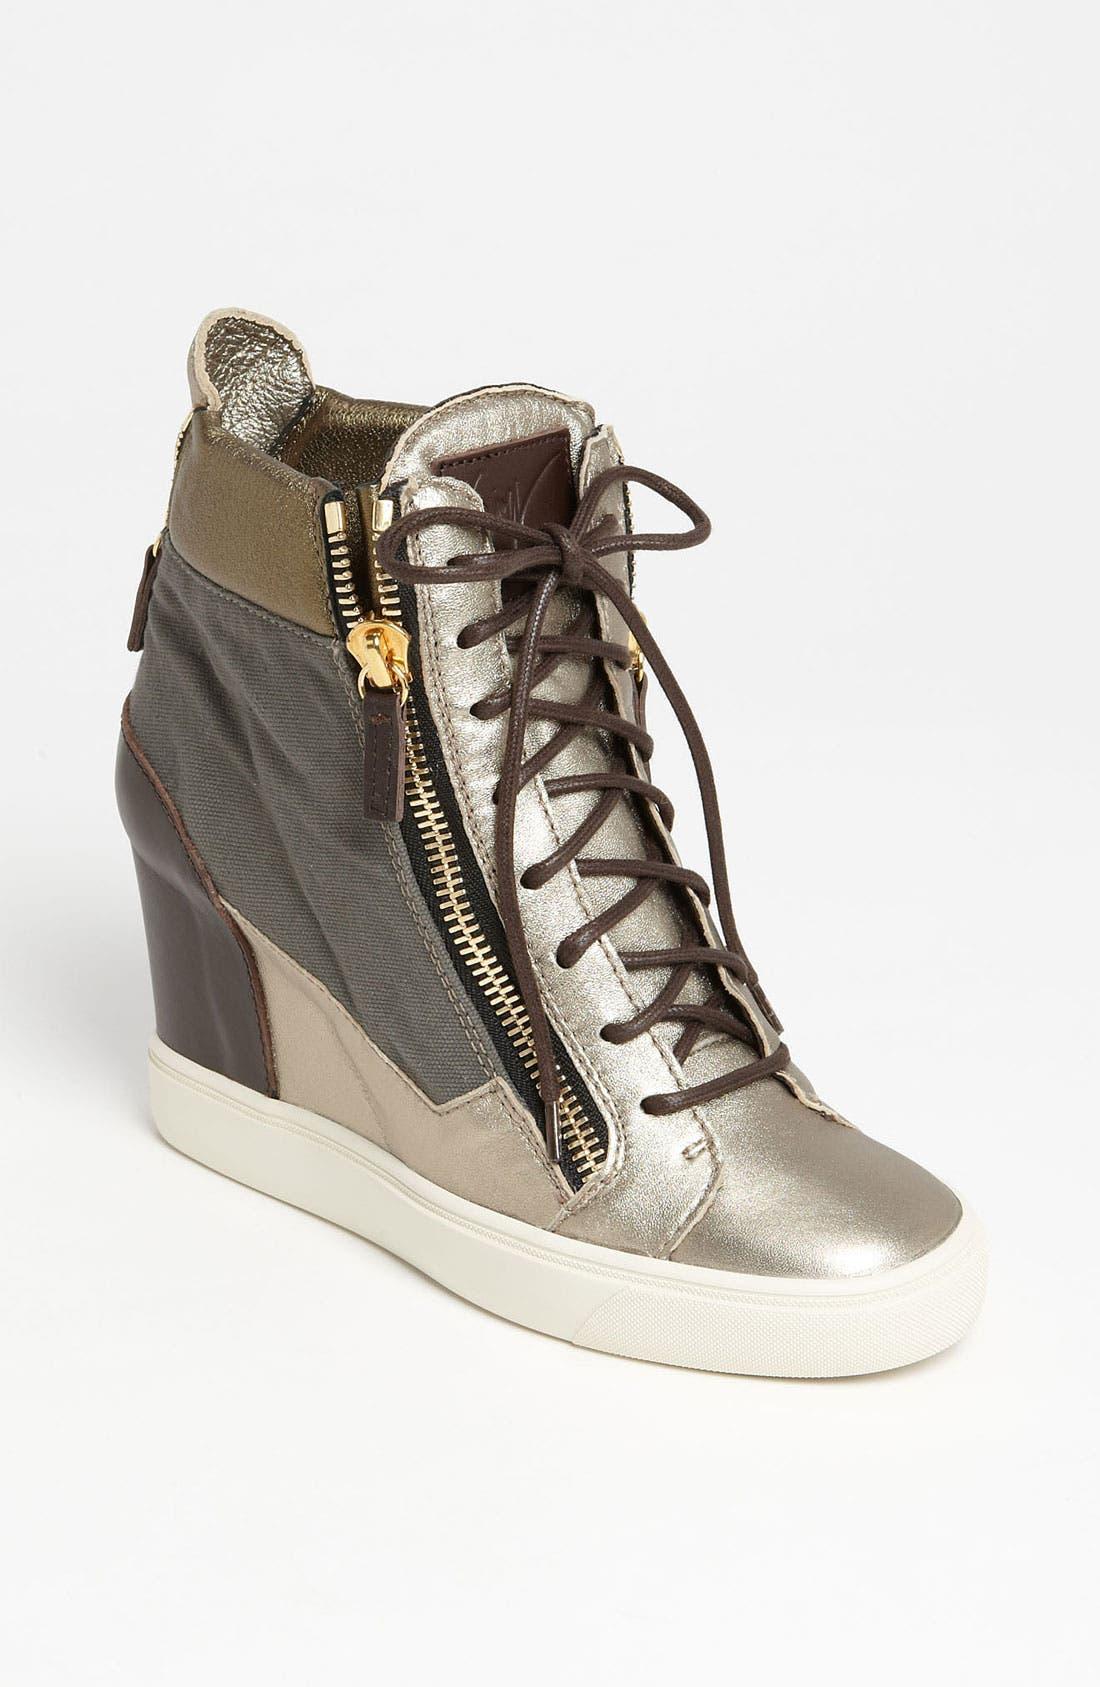 Alternate Image 1 Selected - Giuseppe Zanotti Wedge Sneaker